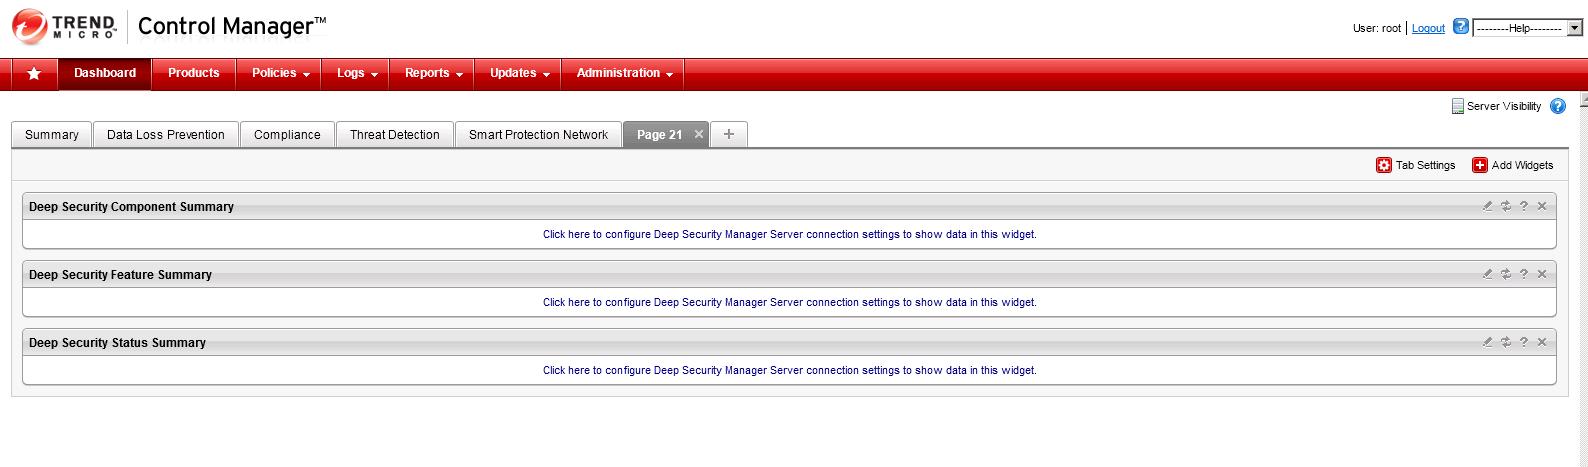 TMCM Widget for Deep Security